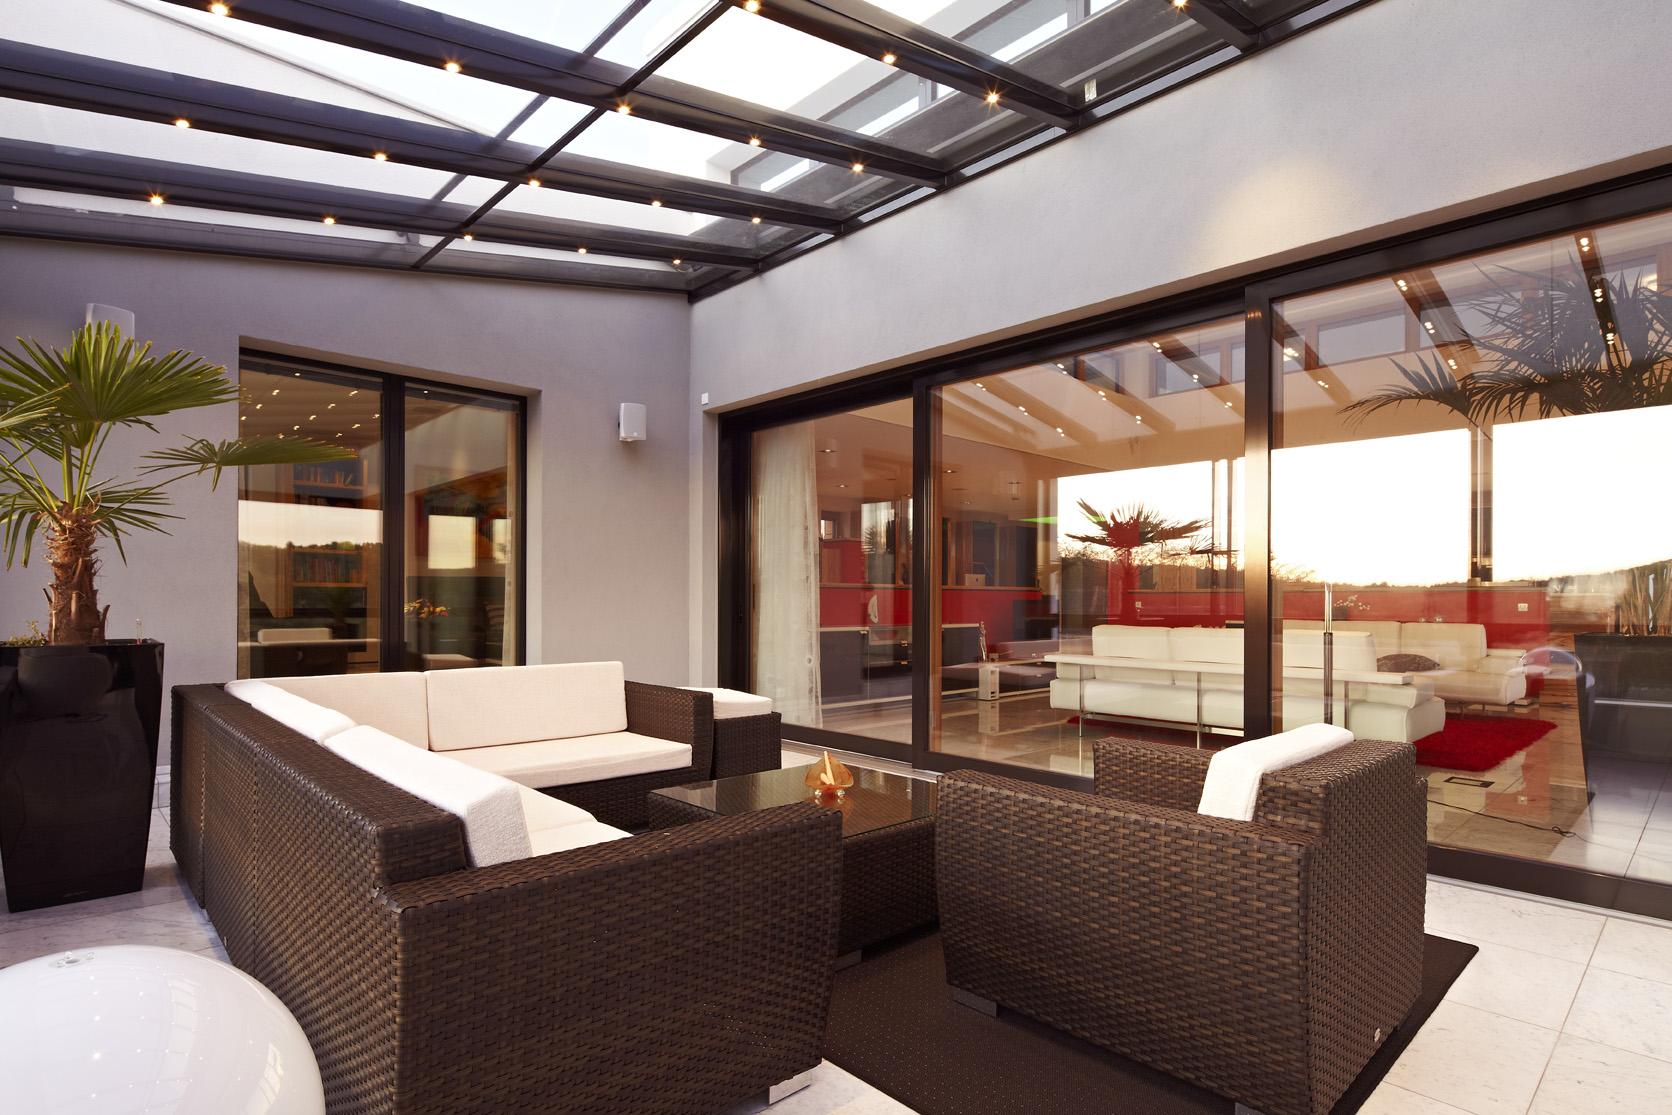 luxuriöse Wohnraumerweiterung